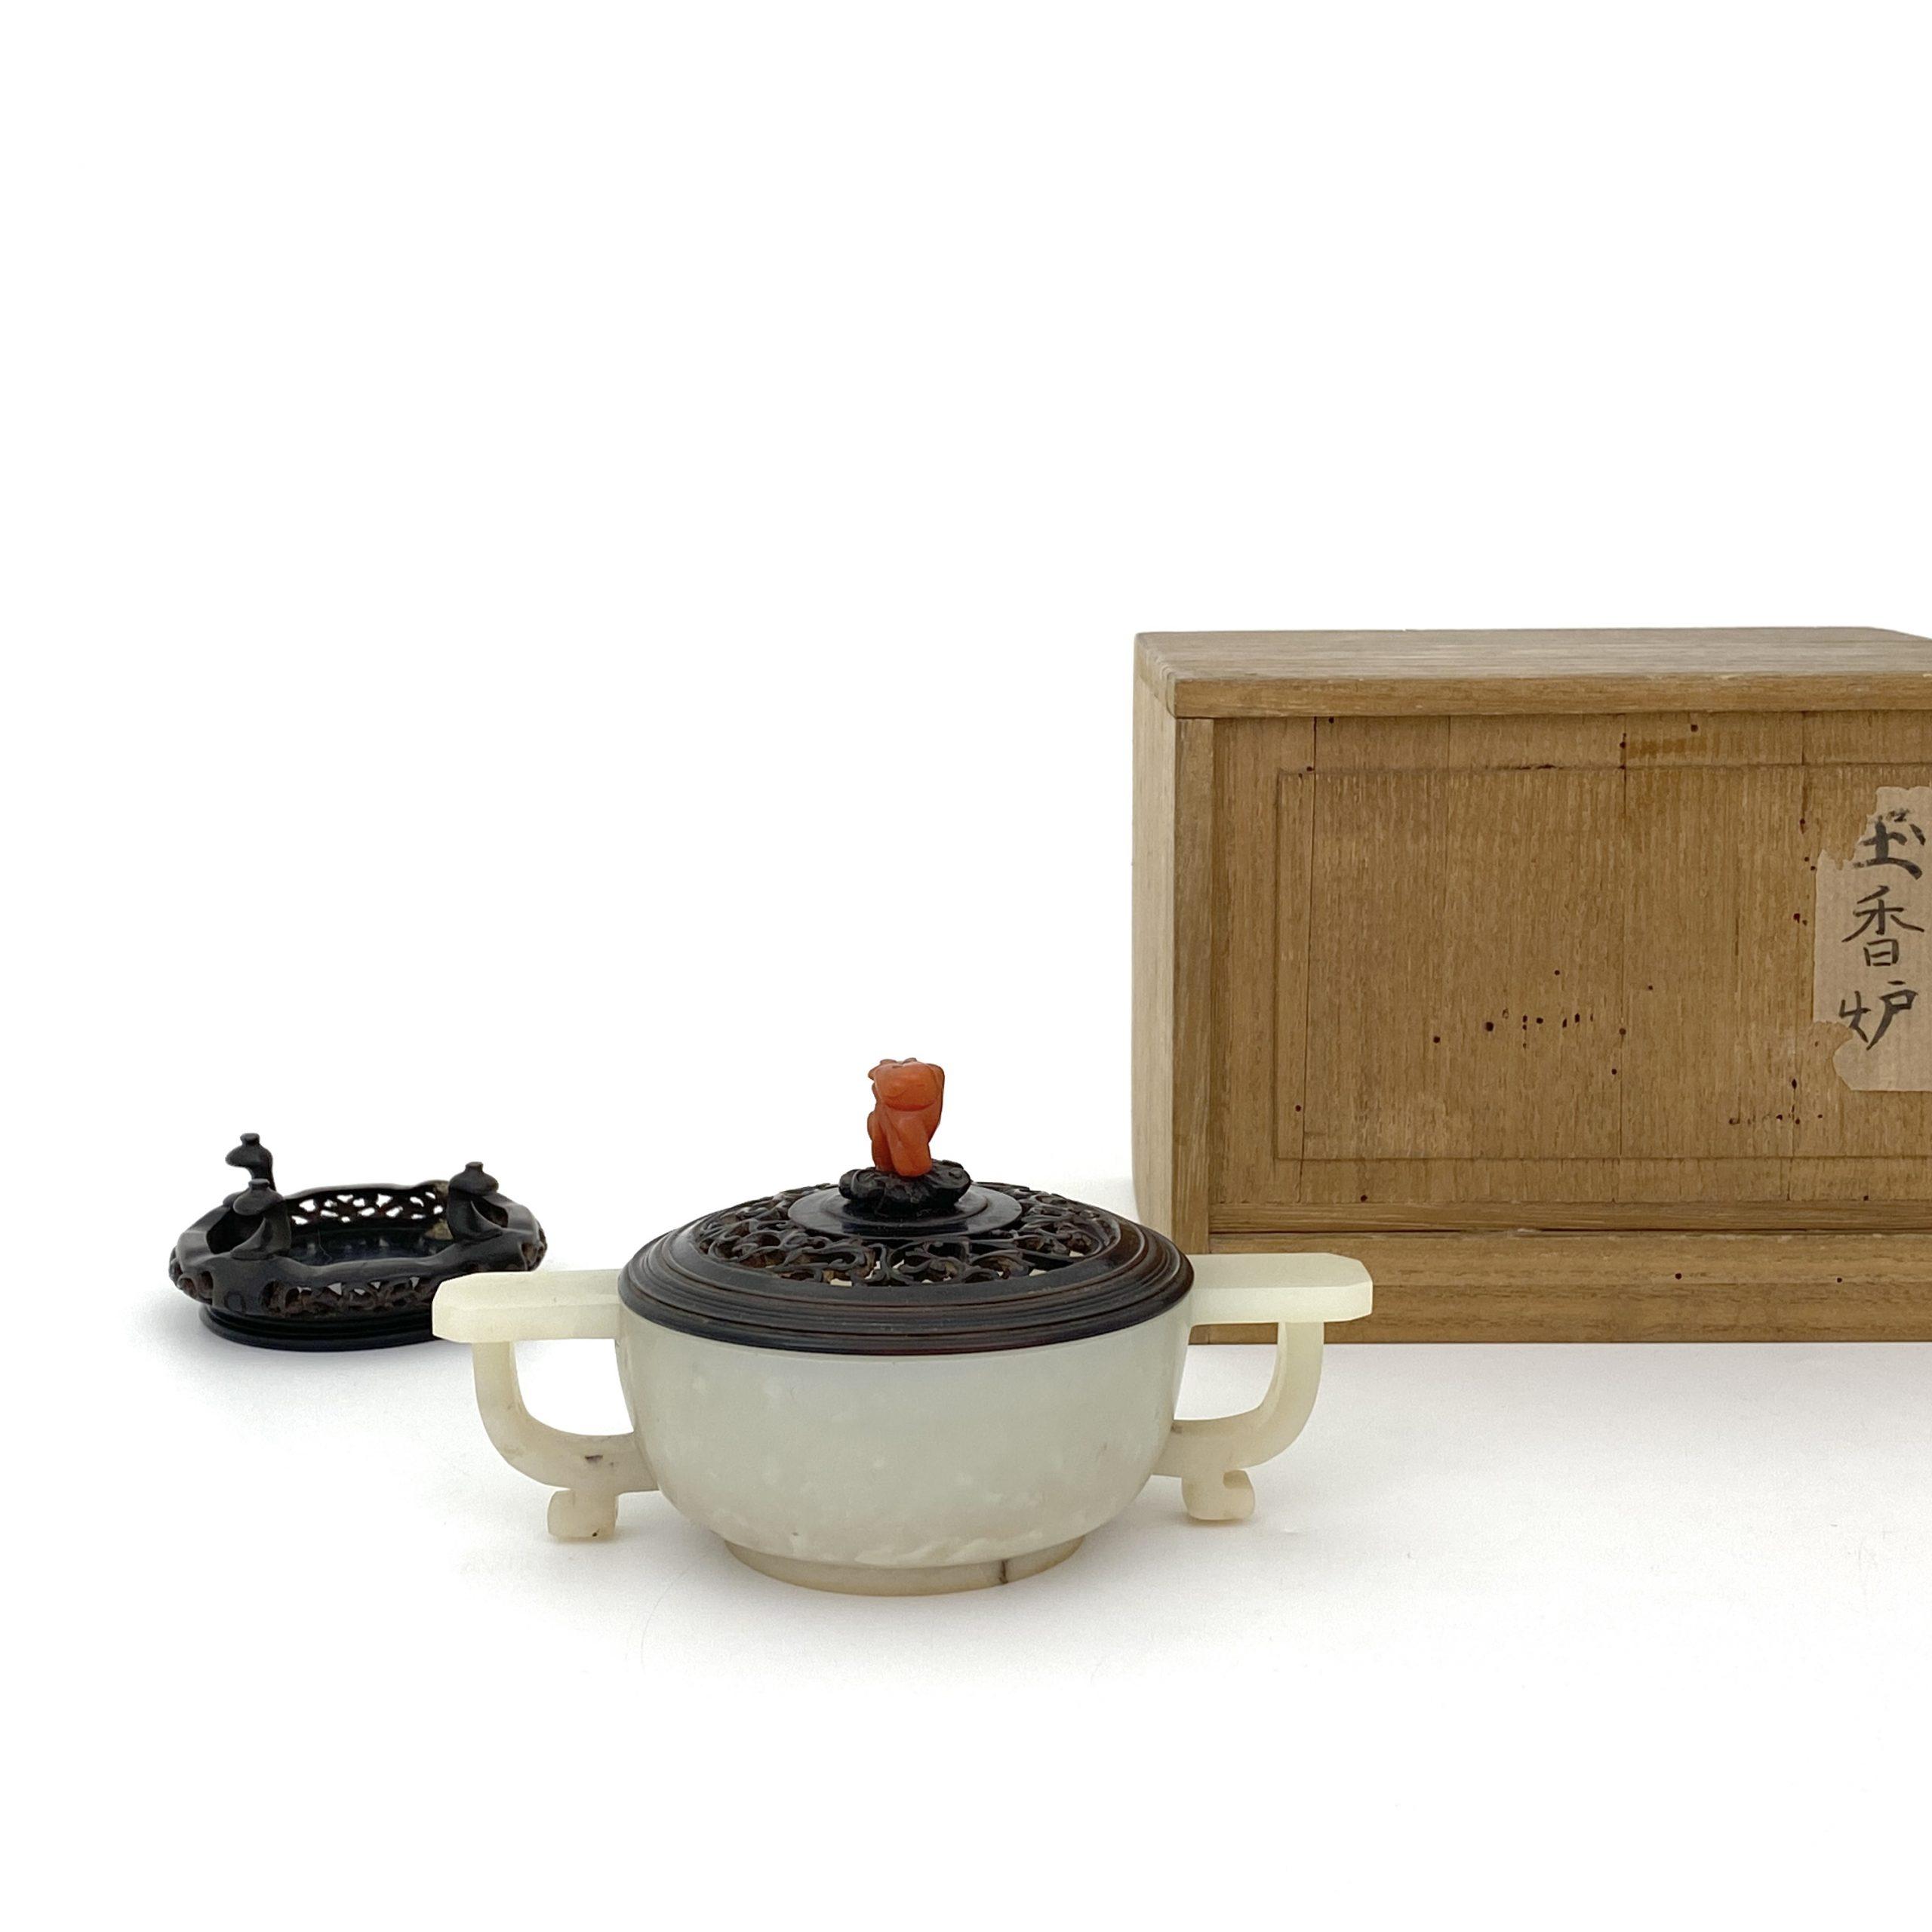 21216清「大清乾隆年製」款 白玉雕 雙耳爐